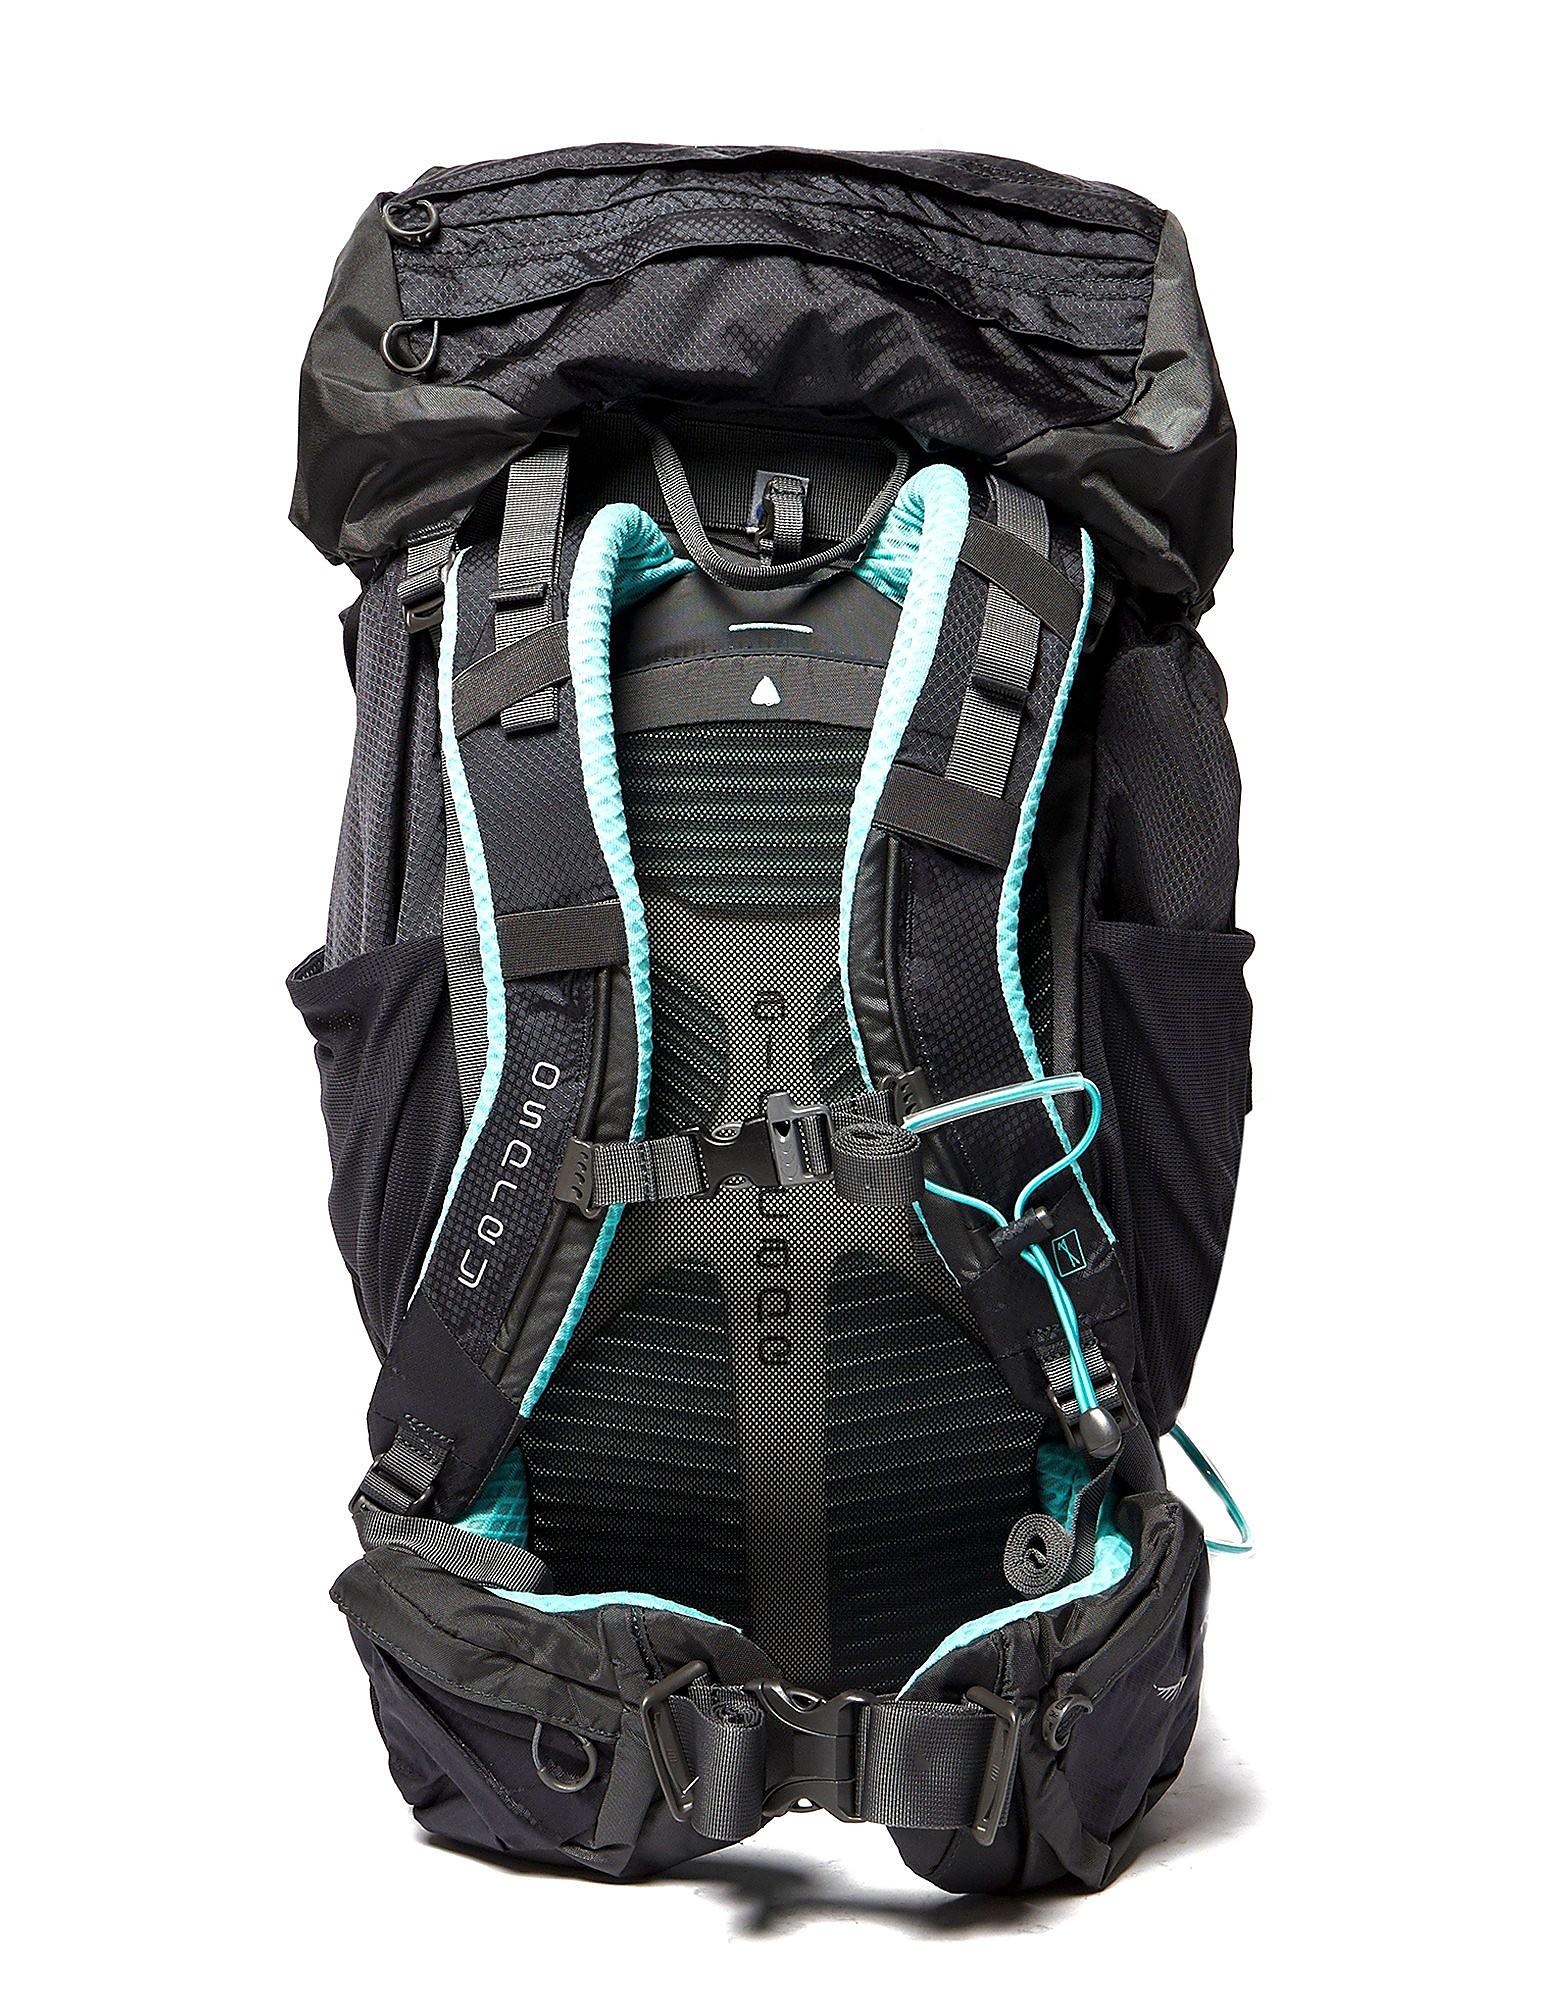 Osprey Osprey Kyte 66 Backpack